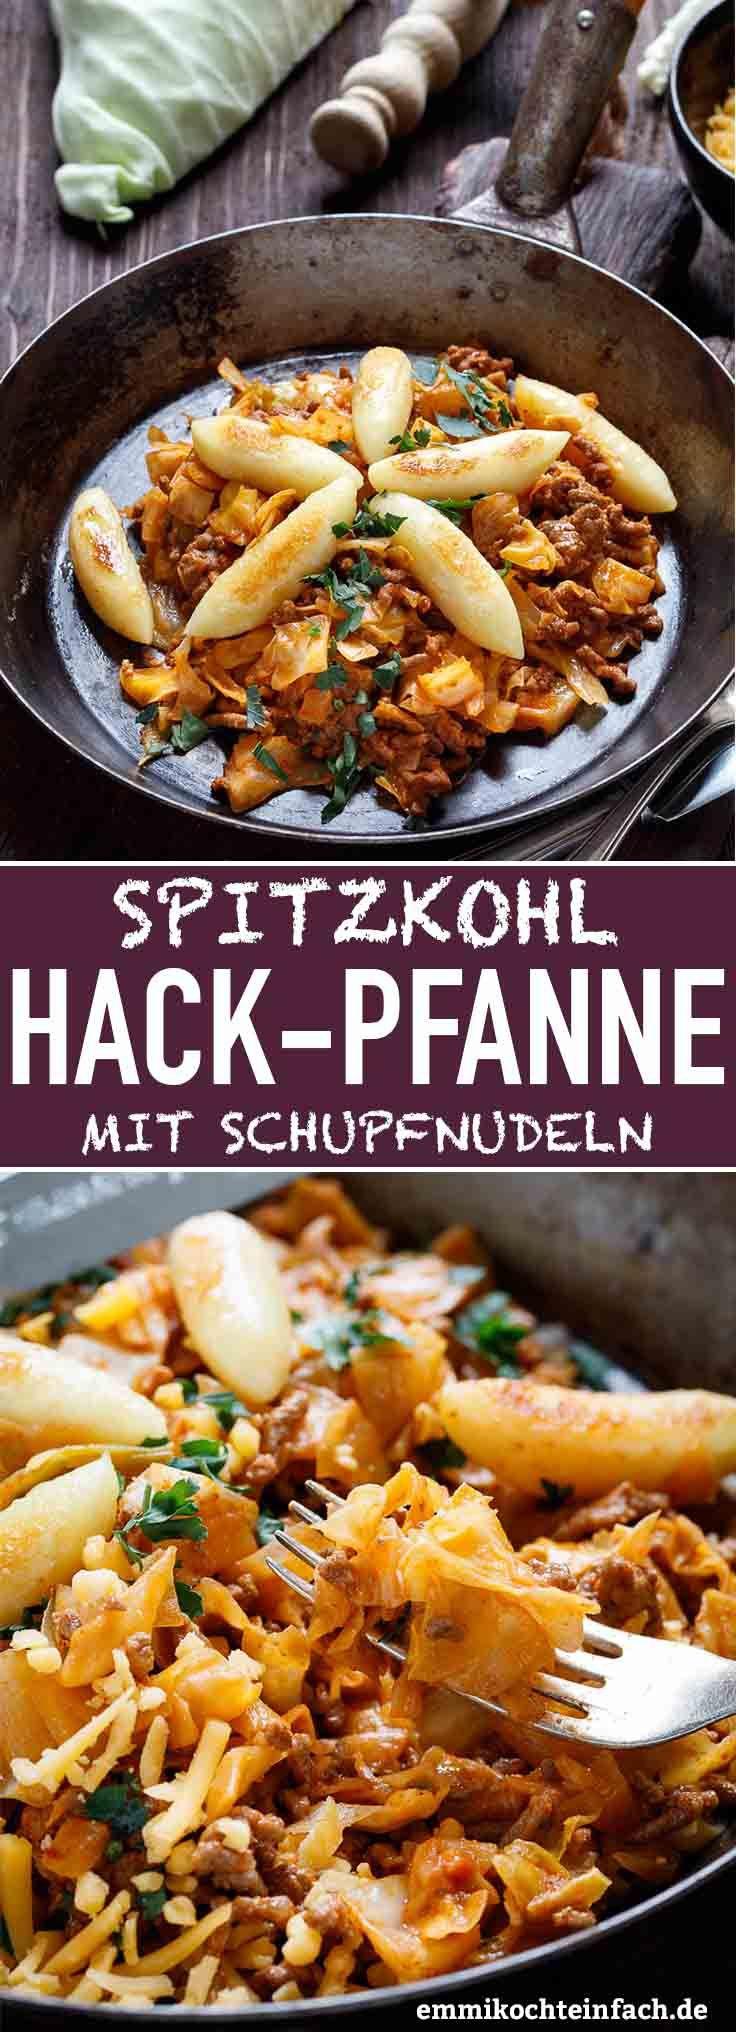 Spitzkohl Hackpfanne mit Schupfnudeln - emmikochteinfach